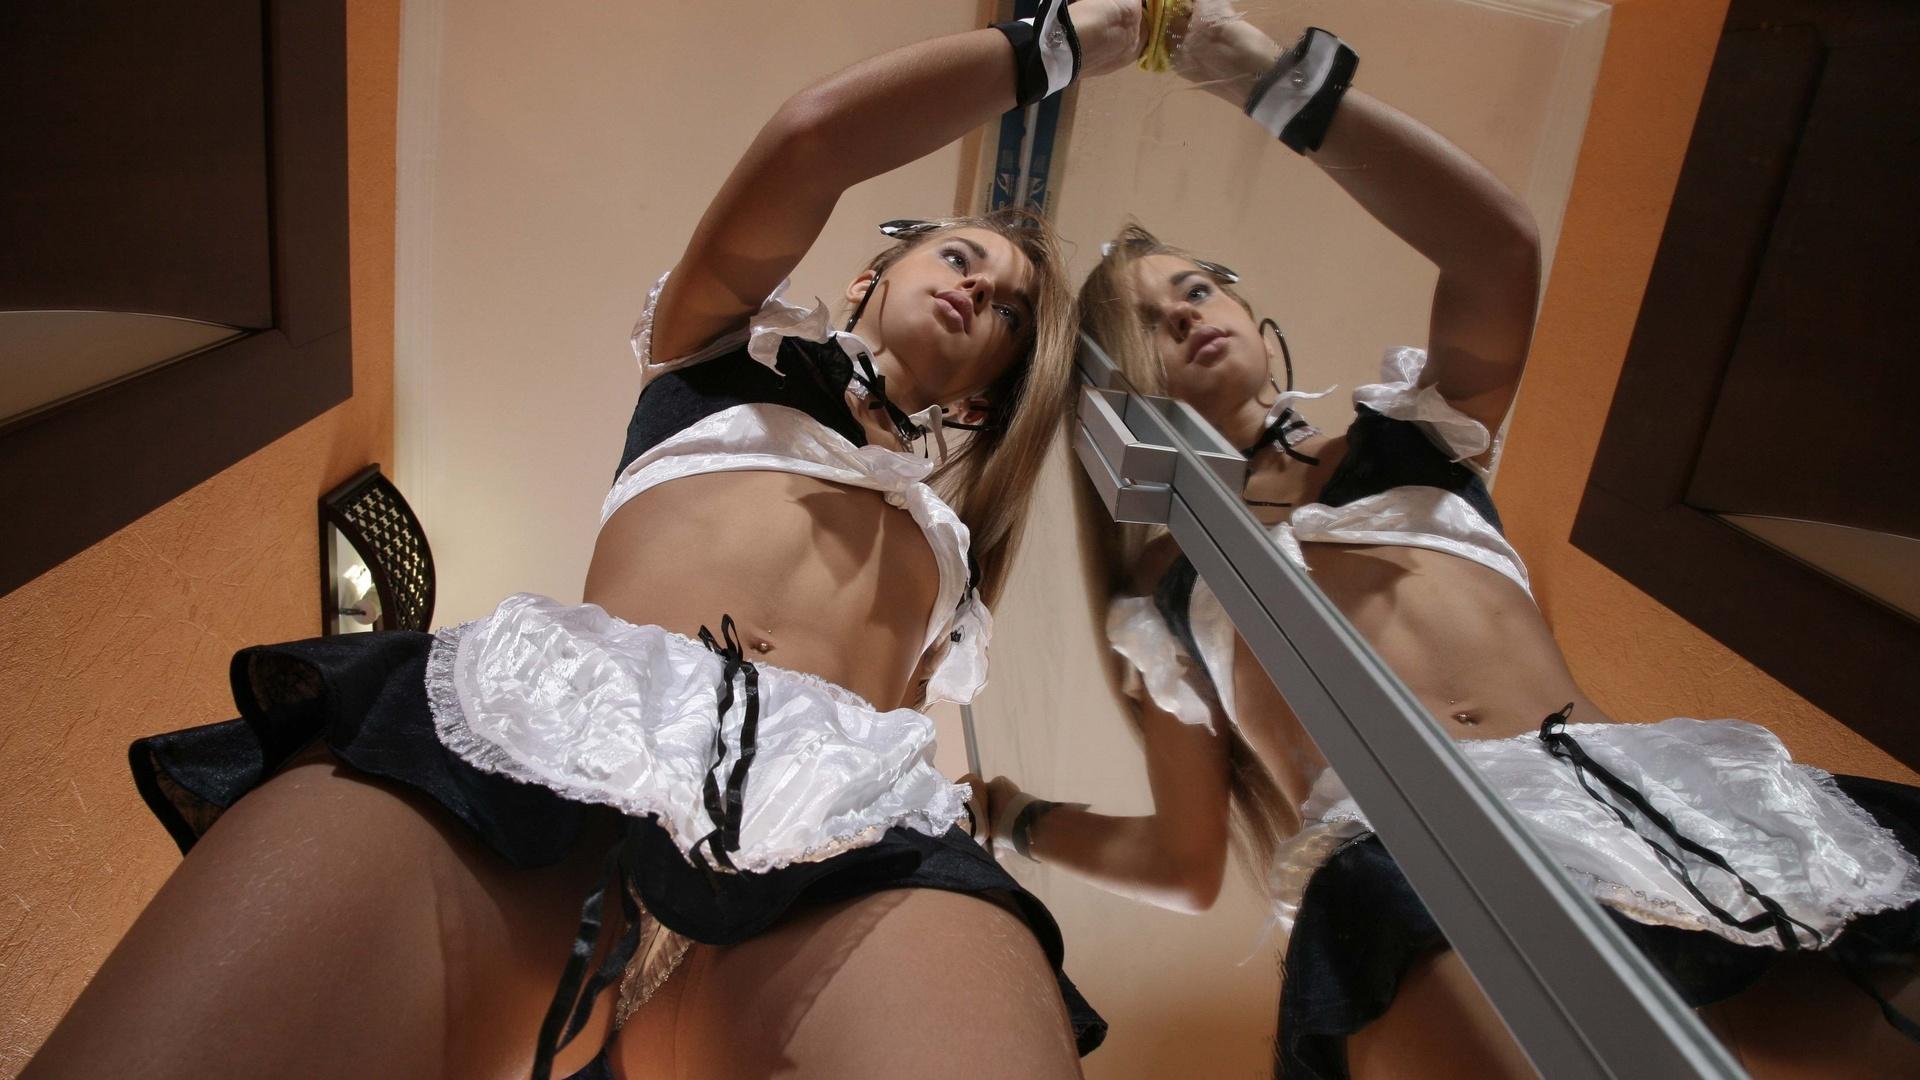 блондинки видео онлайн смотреть горничной шикарной стриптиз